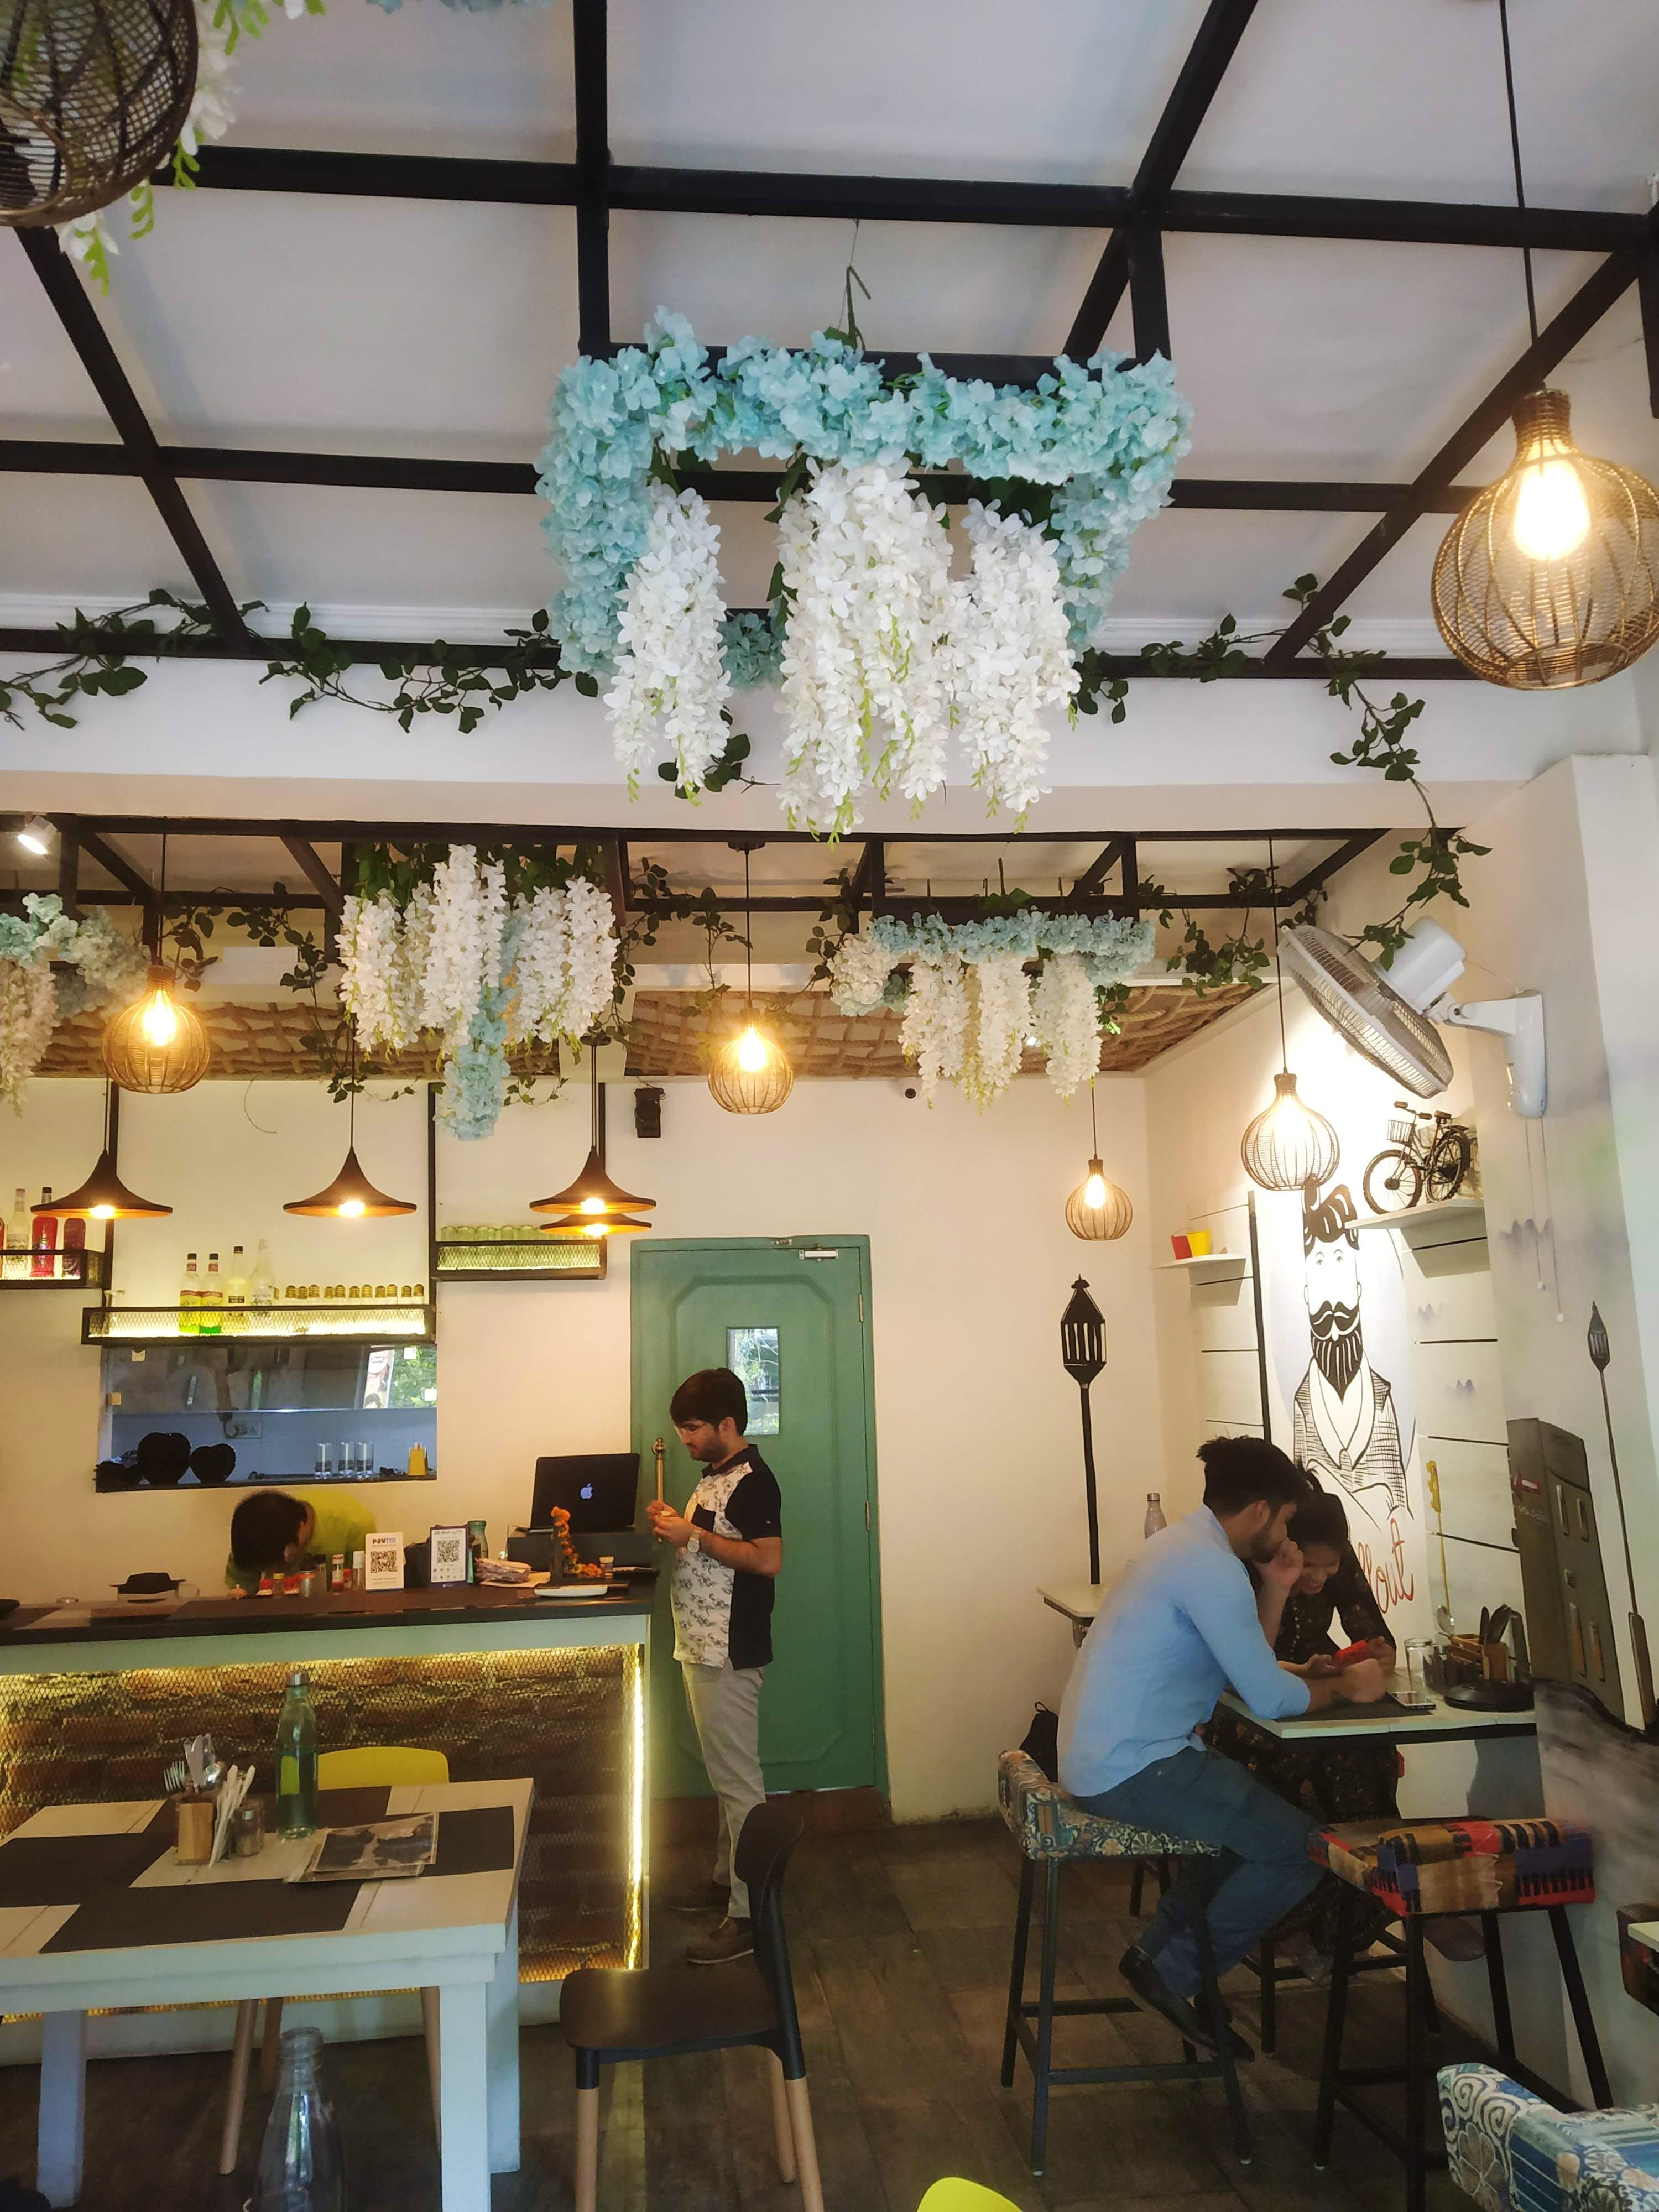 A Cosy Cafe With Delish Food In Laxmi Nagar